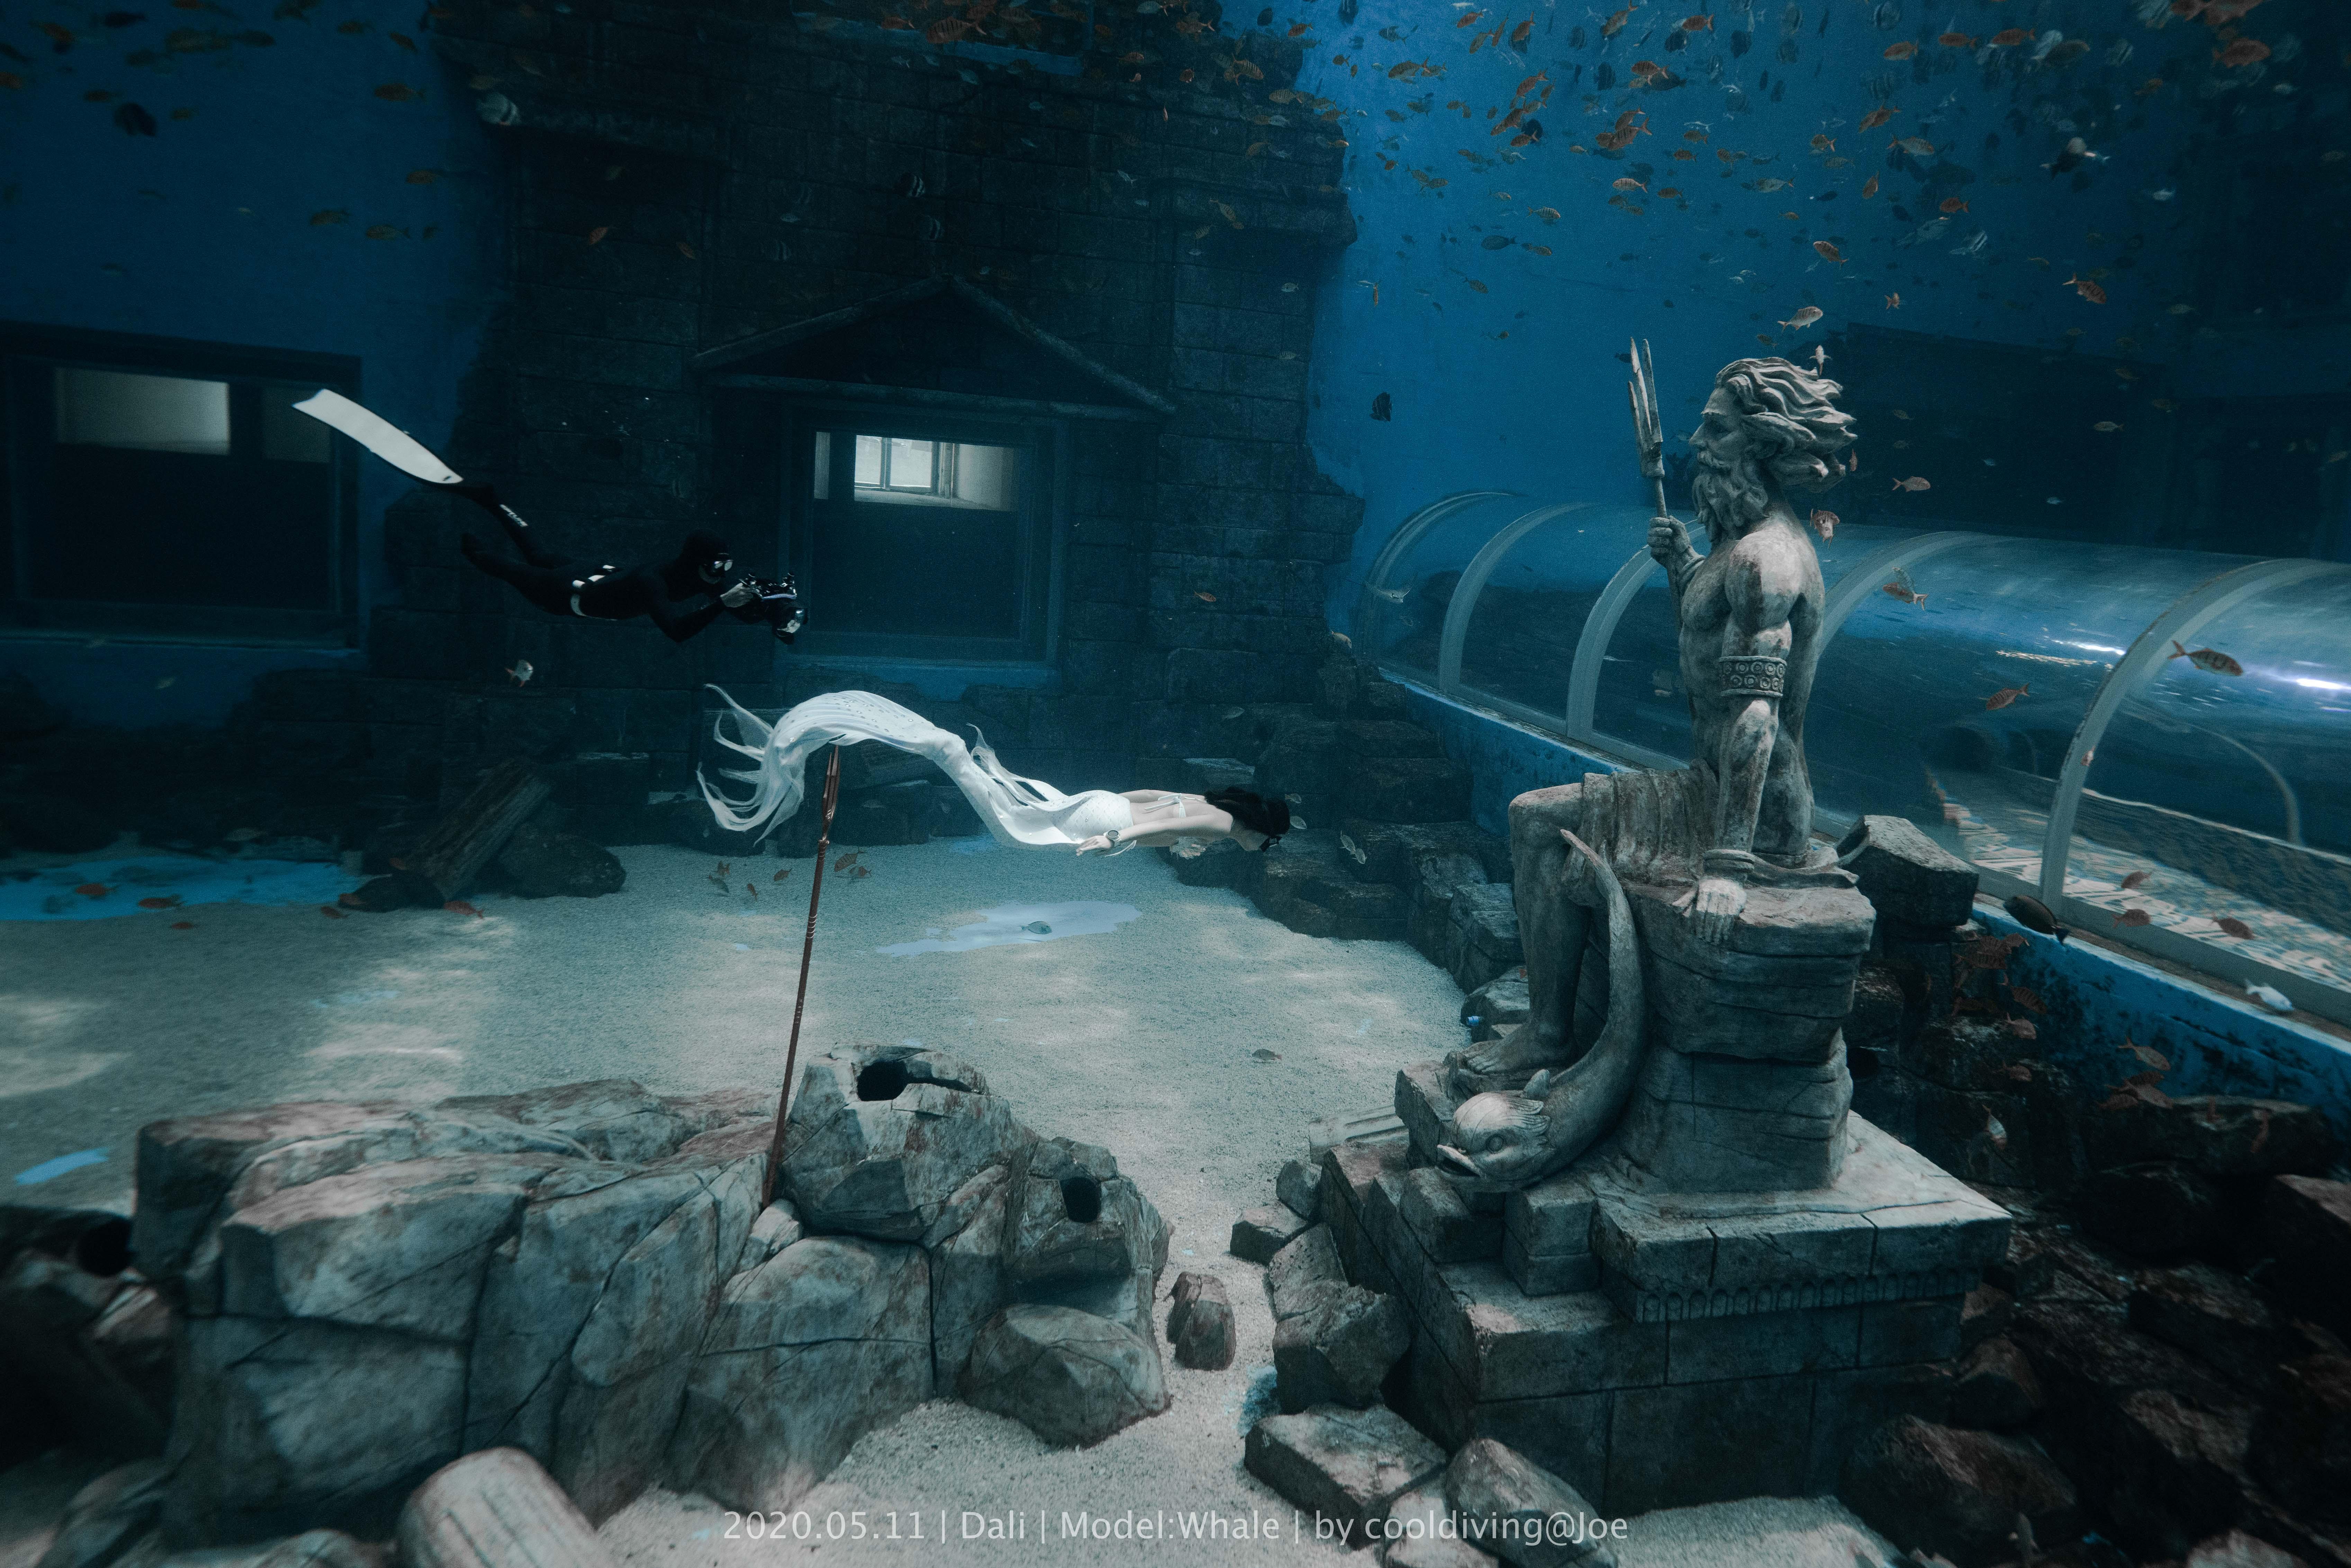 美人鱼水族馆照片